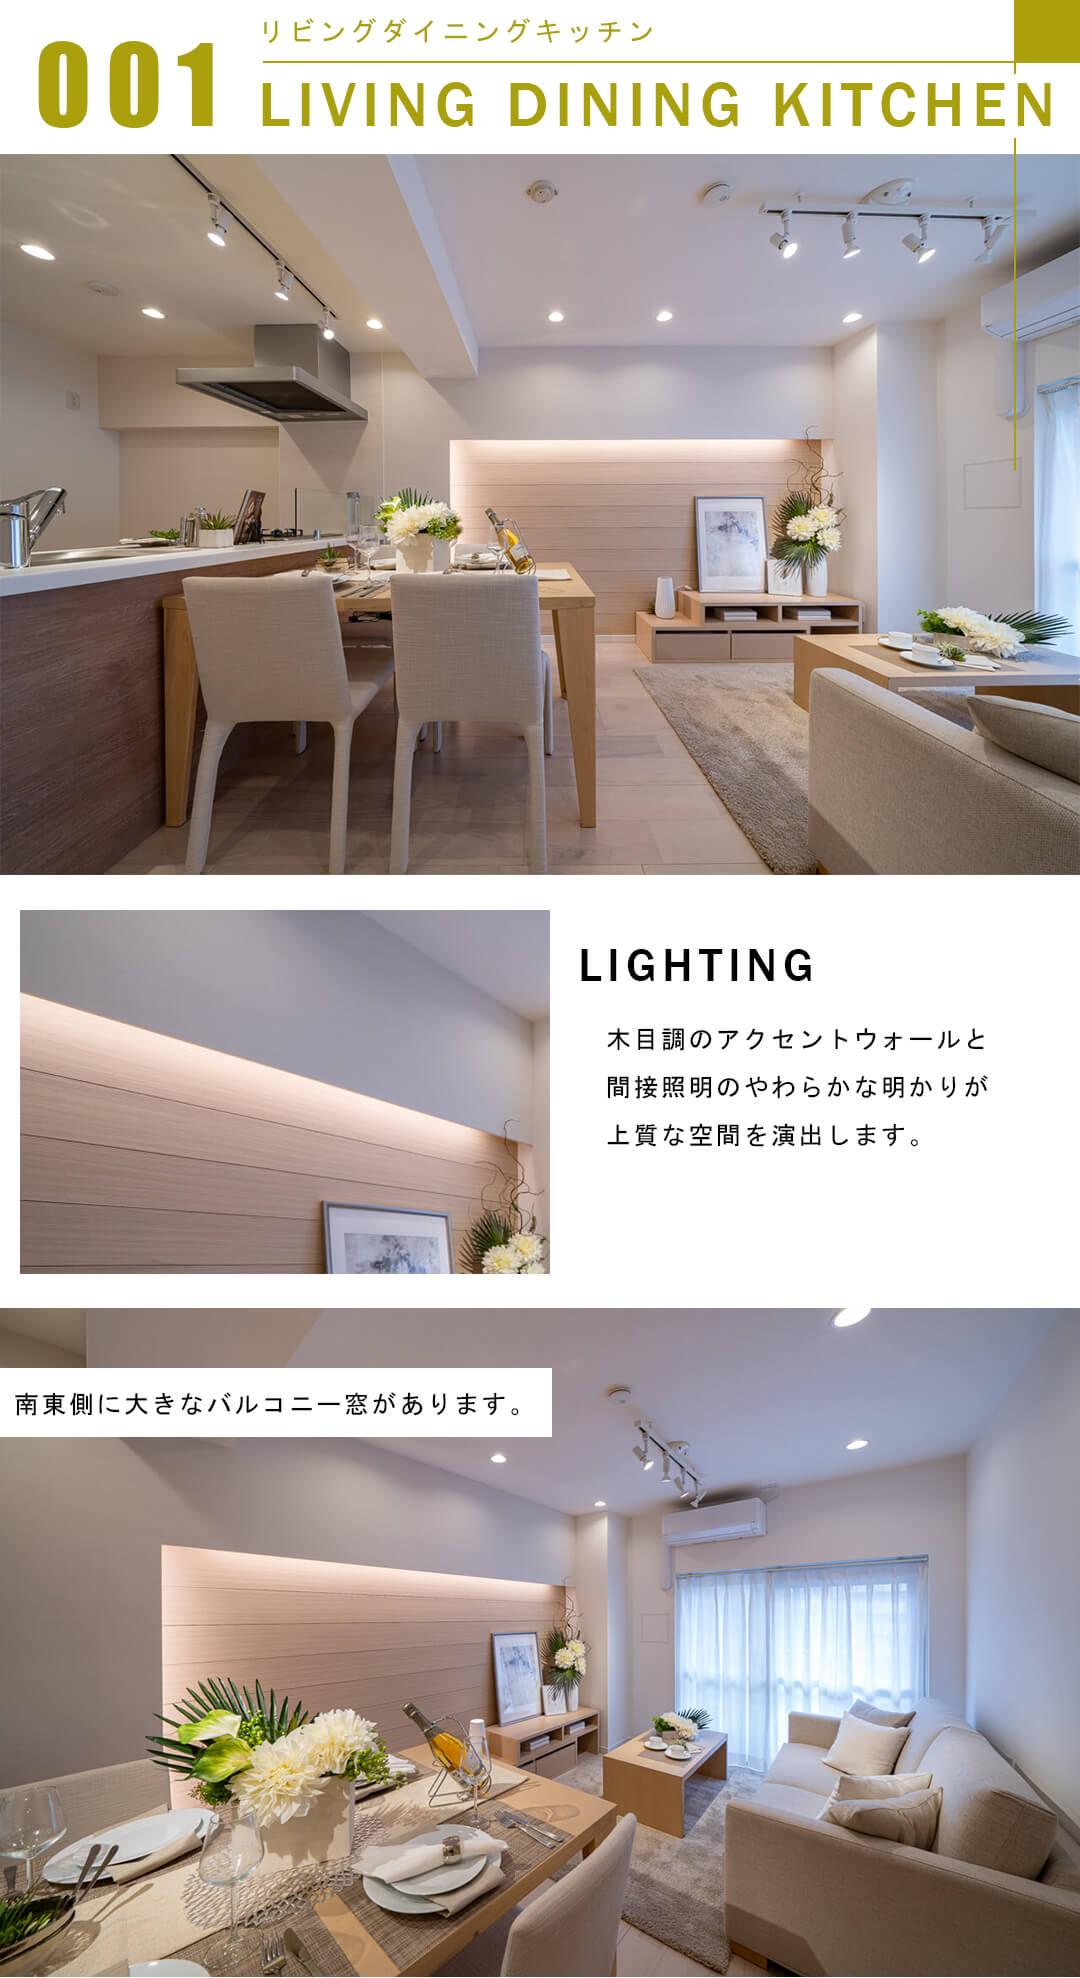 五反田ガーデンハイツのリビングダイニングキッチン